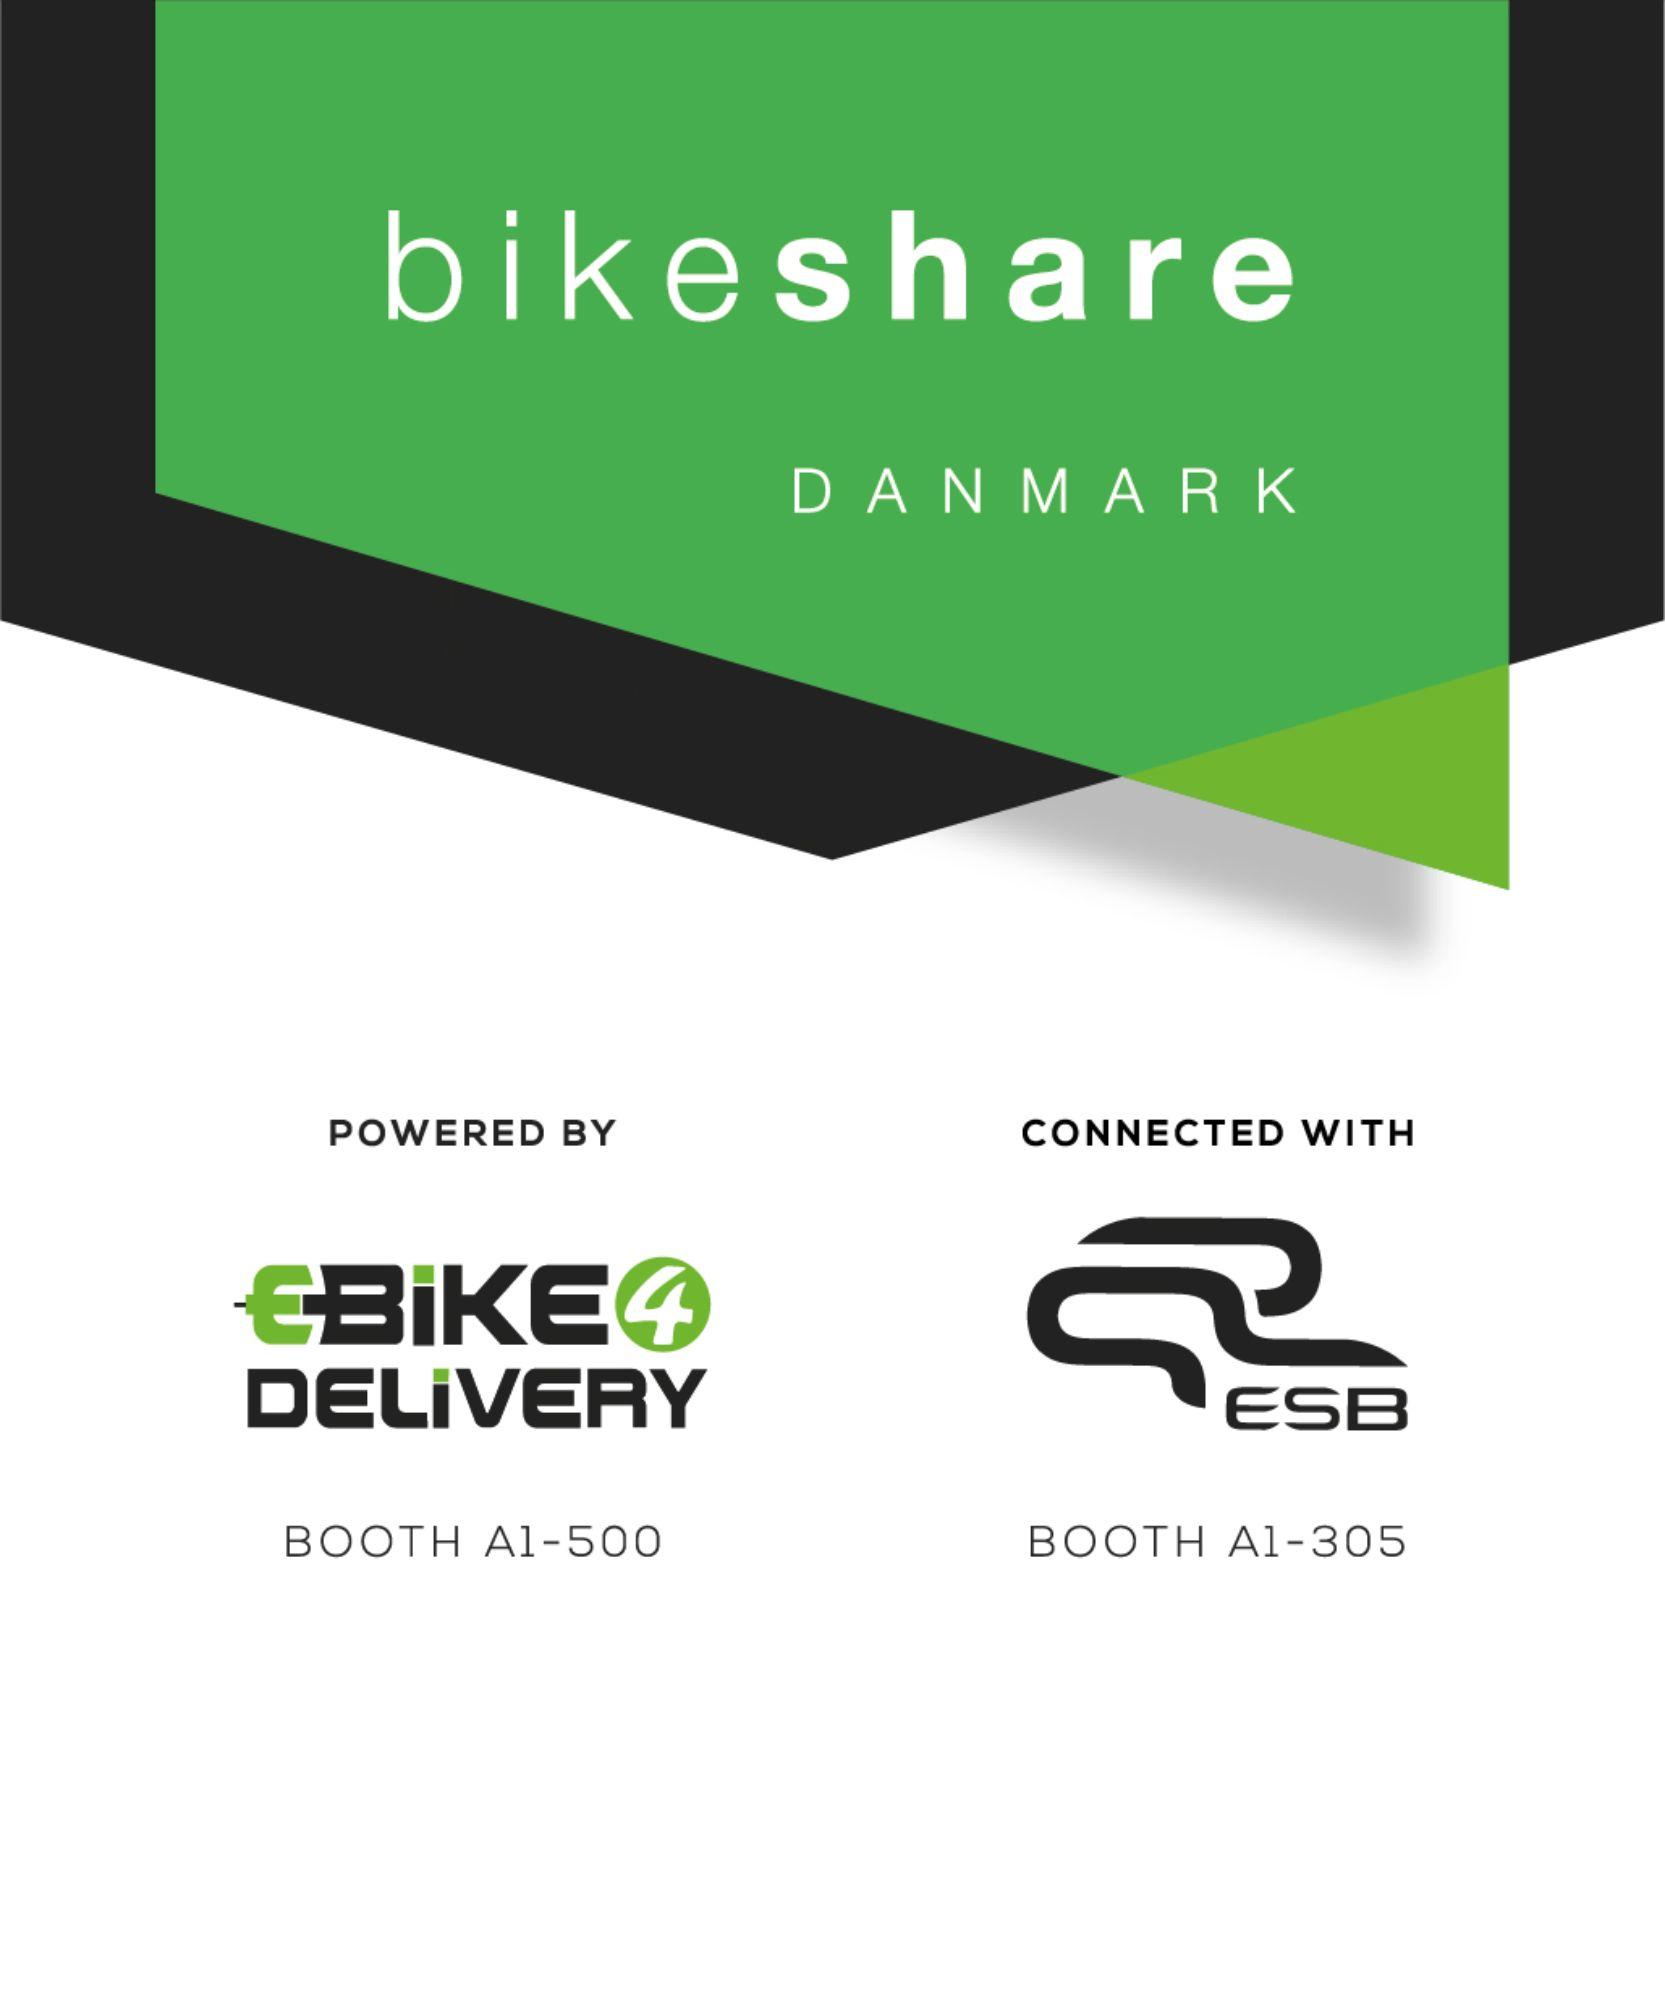 ESB_eurobike_2018_Bikeshare_Danmark_SITAEL_bike-sharing